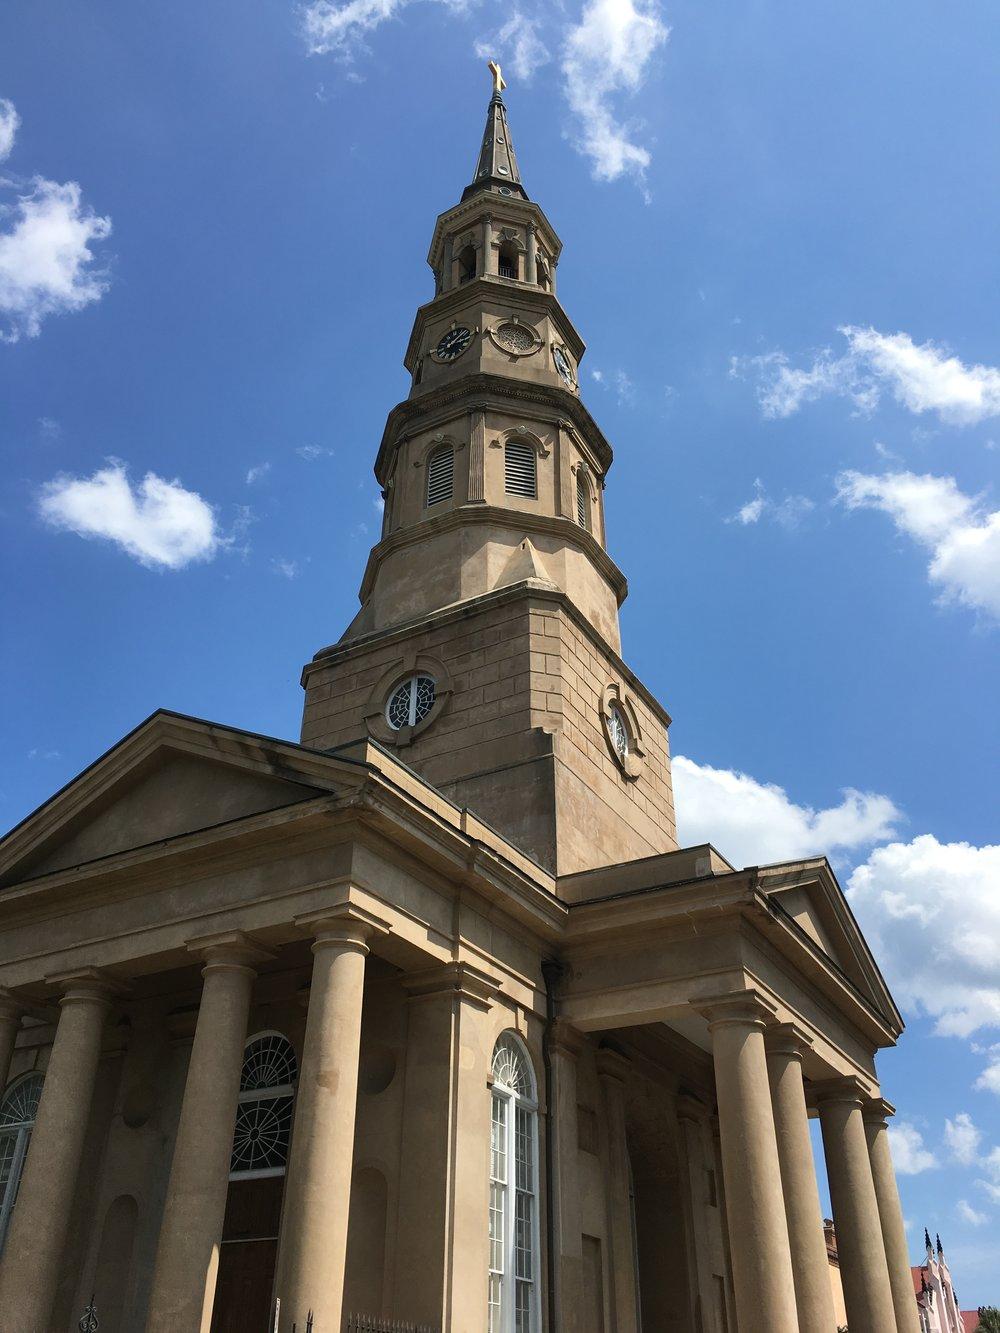 St. Philip's